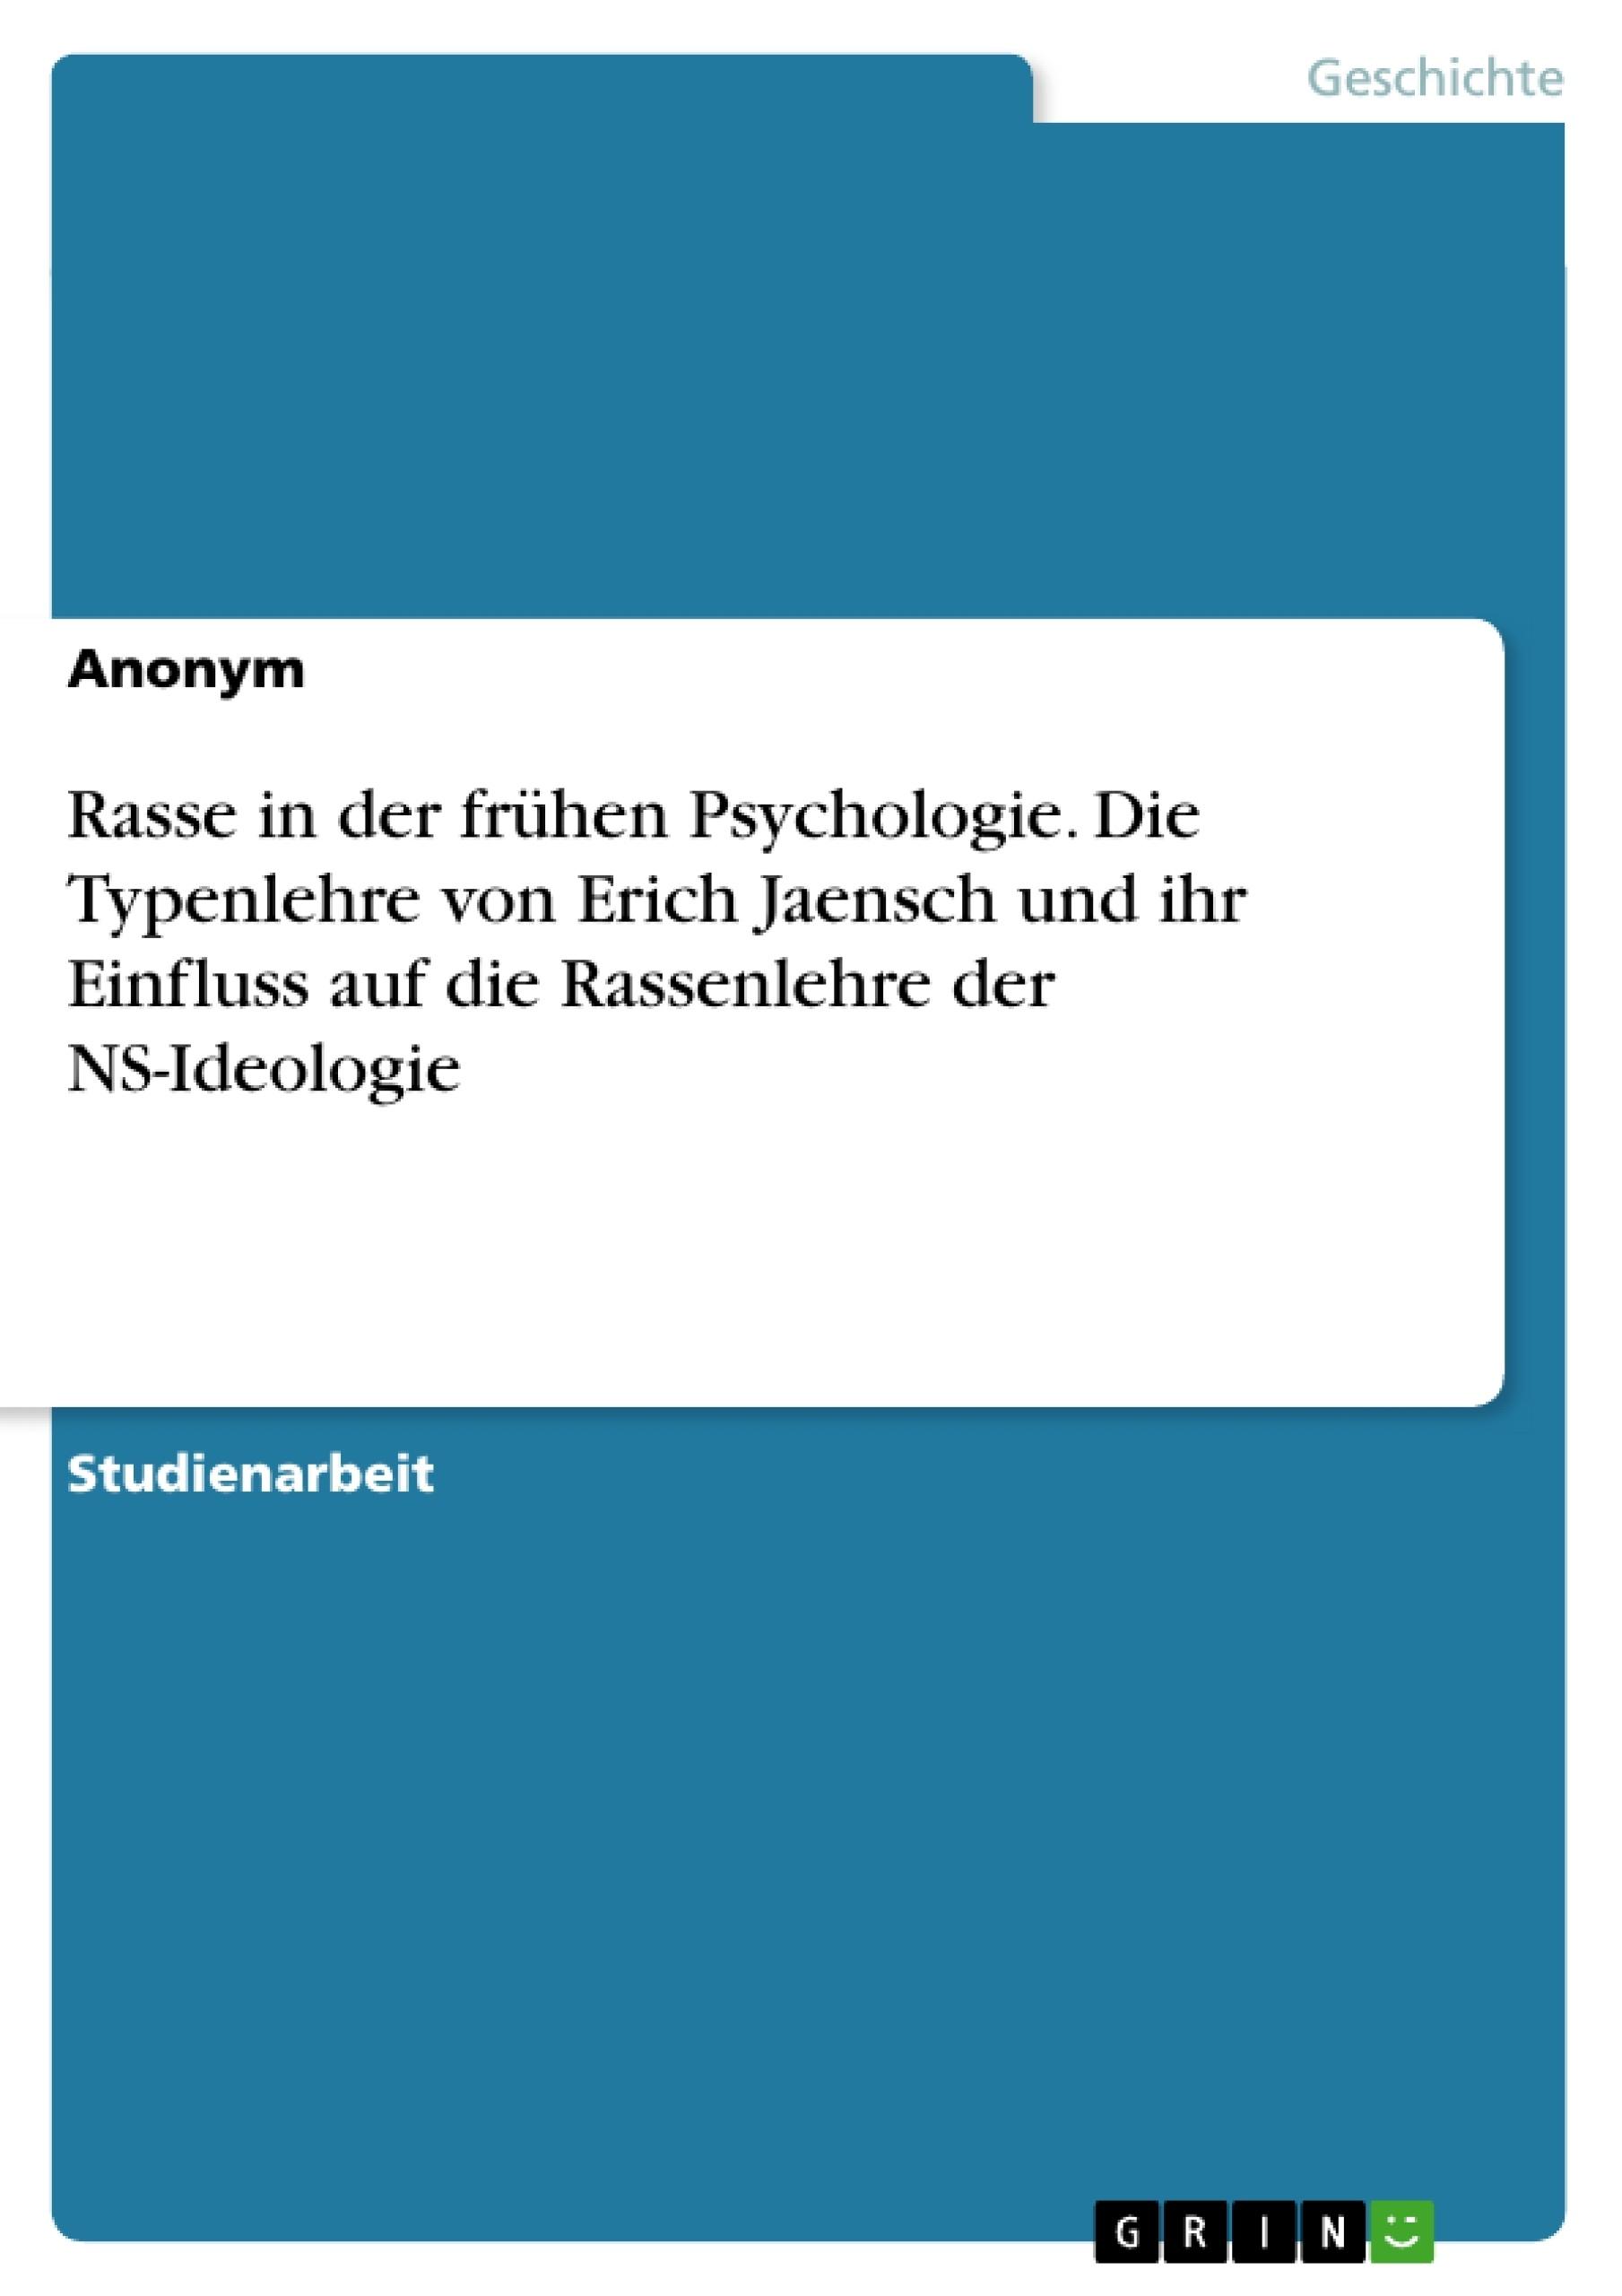 Titel: Rasse in der frühen Psychologie. Die Typenlehre von Erich Jaensch und ihr Einfluss auf die Rassenlehre der NS-Ideologie